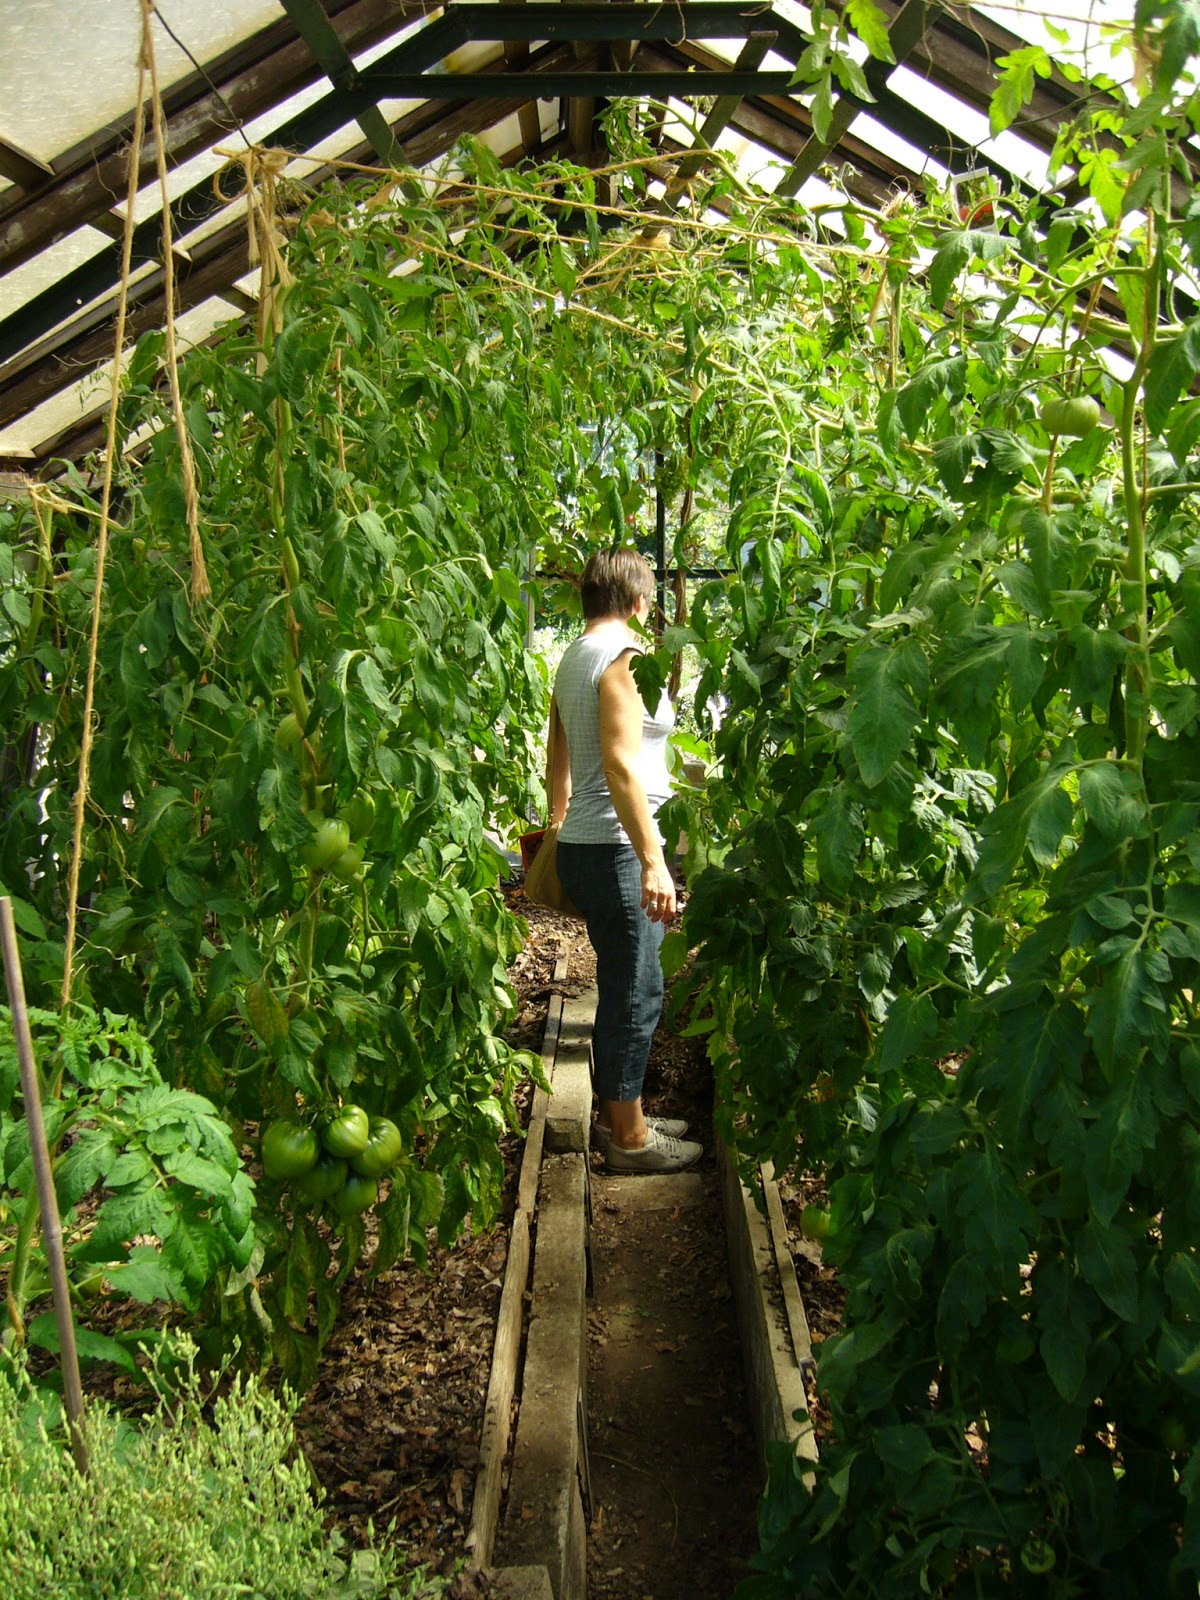 jardin potager comestible partager visite du jardin. Black Bedroom Furniture Sets. Home Design Ideas